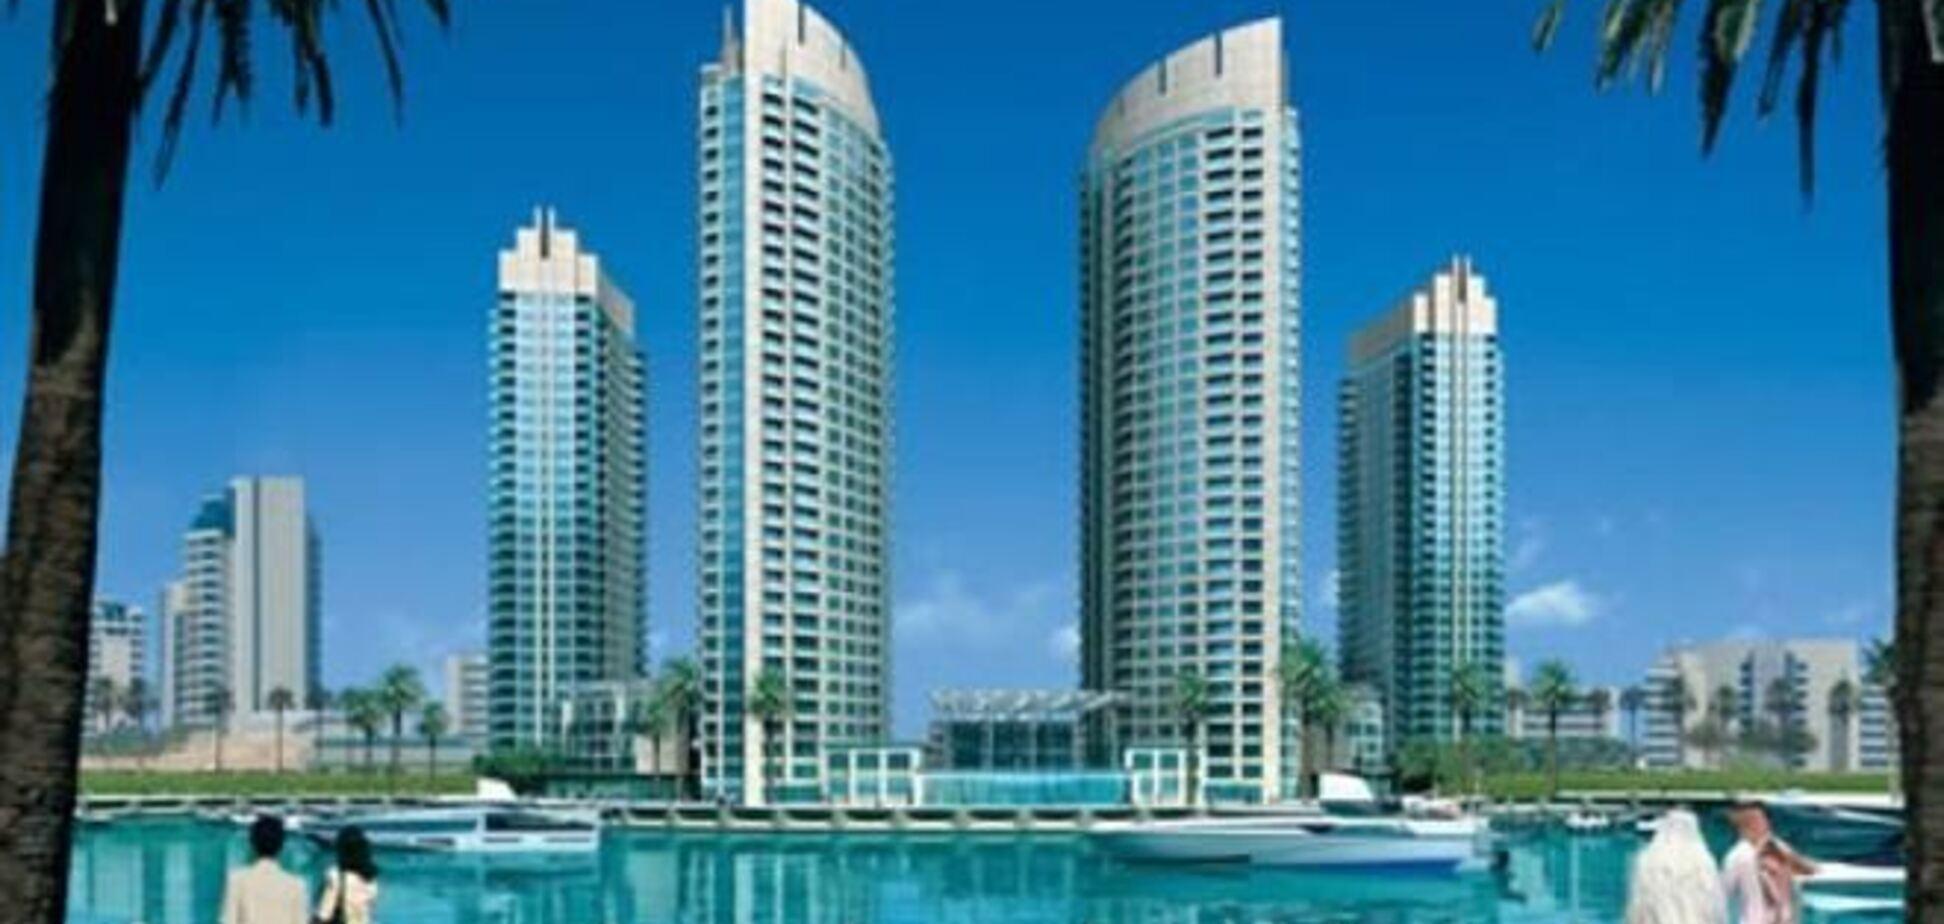 DPG построит в Дубае новый отель и амфитеатр-арену